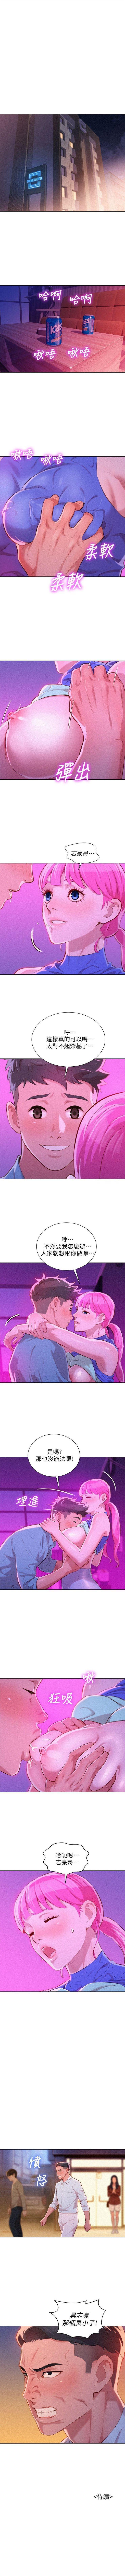 (周7)漂亮干姐姐  1-79 中文翻译 (更新中) 227